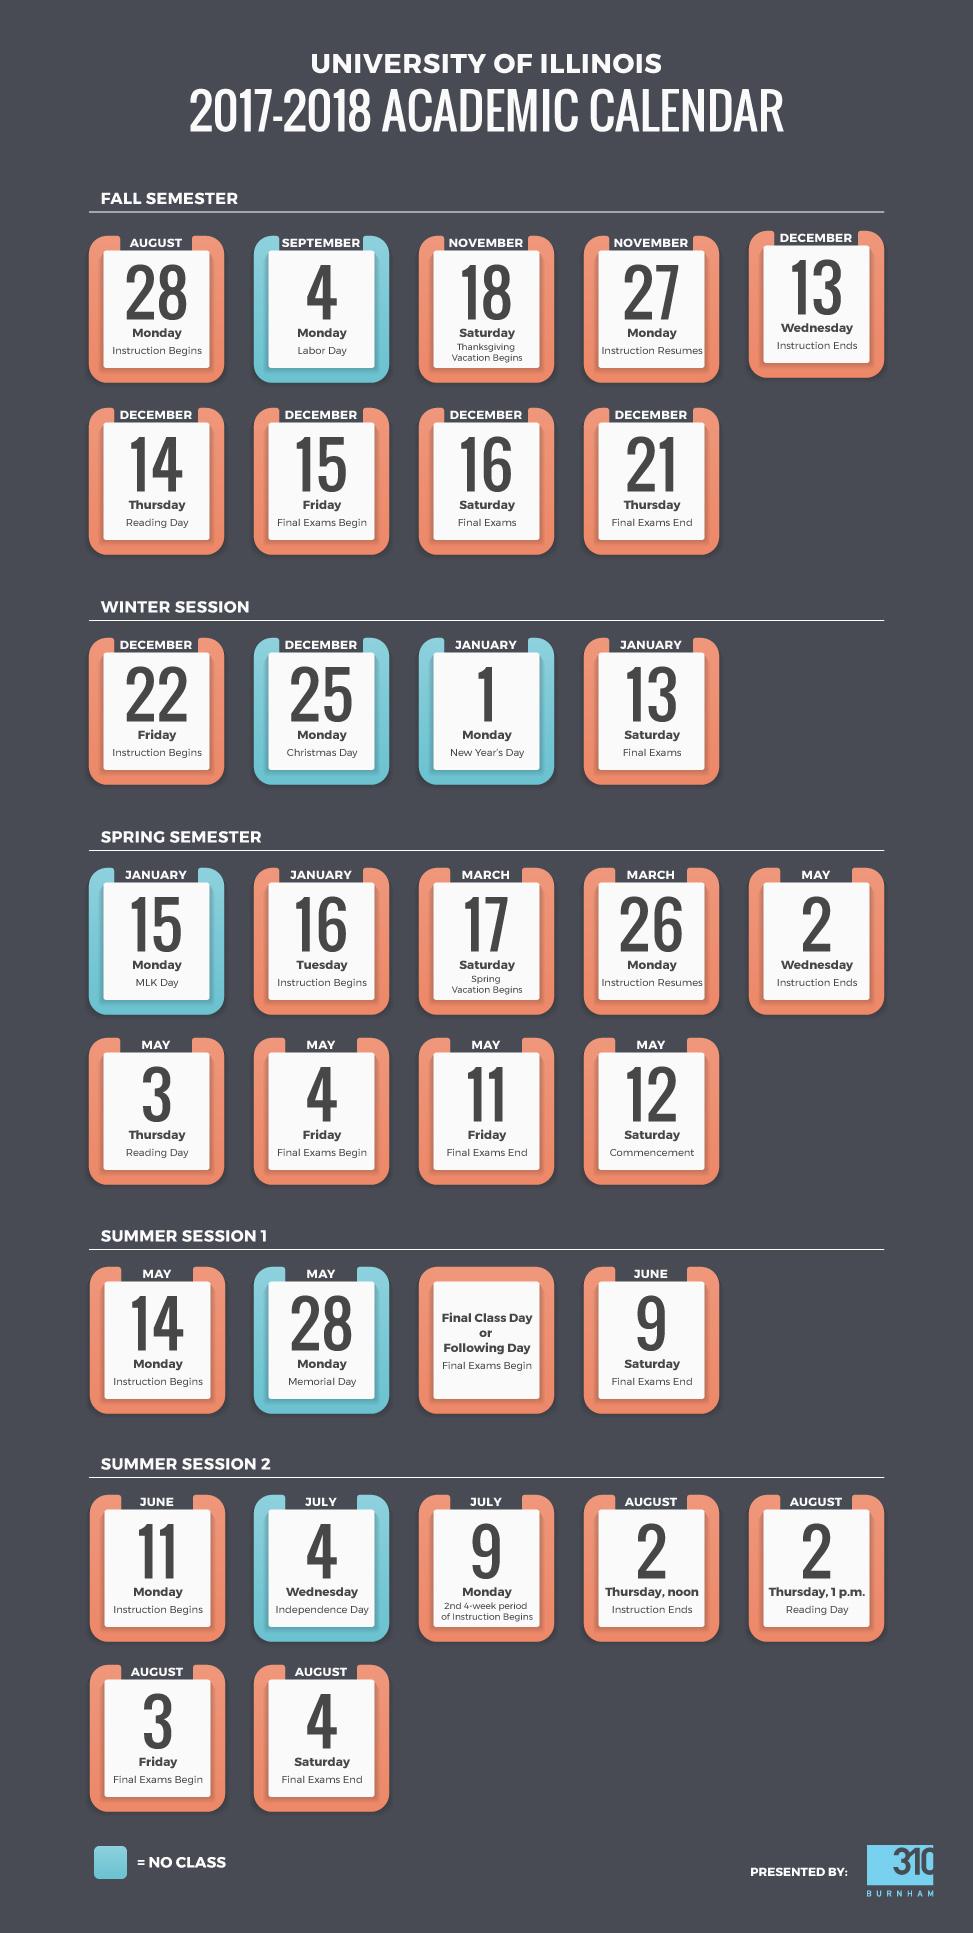 uiuc academic calendar infographic